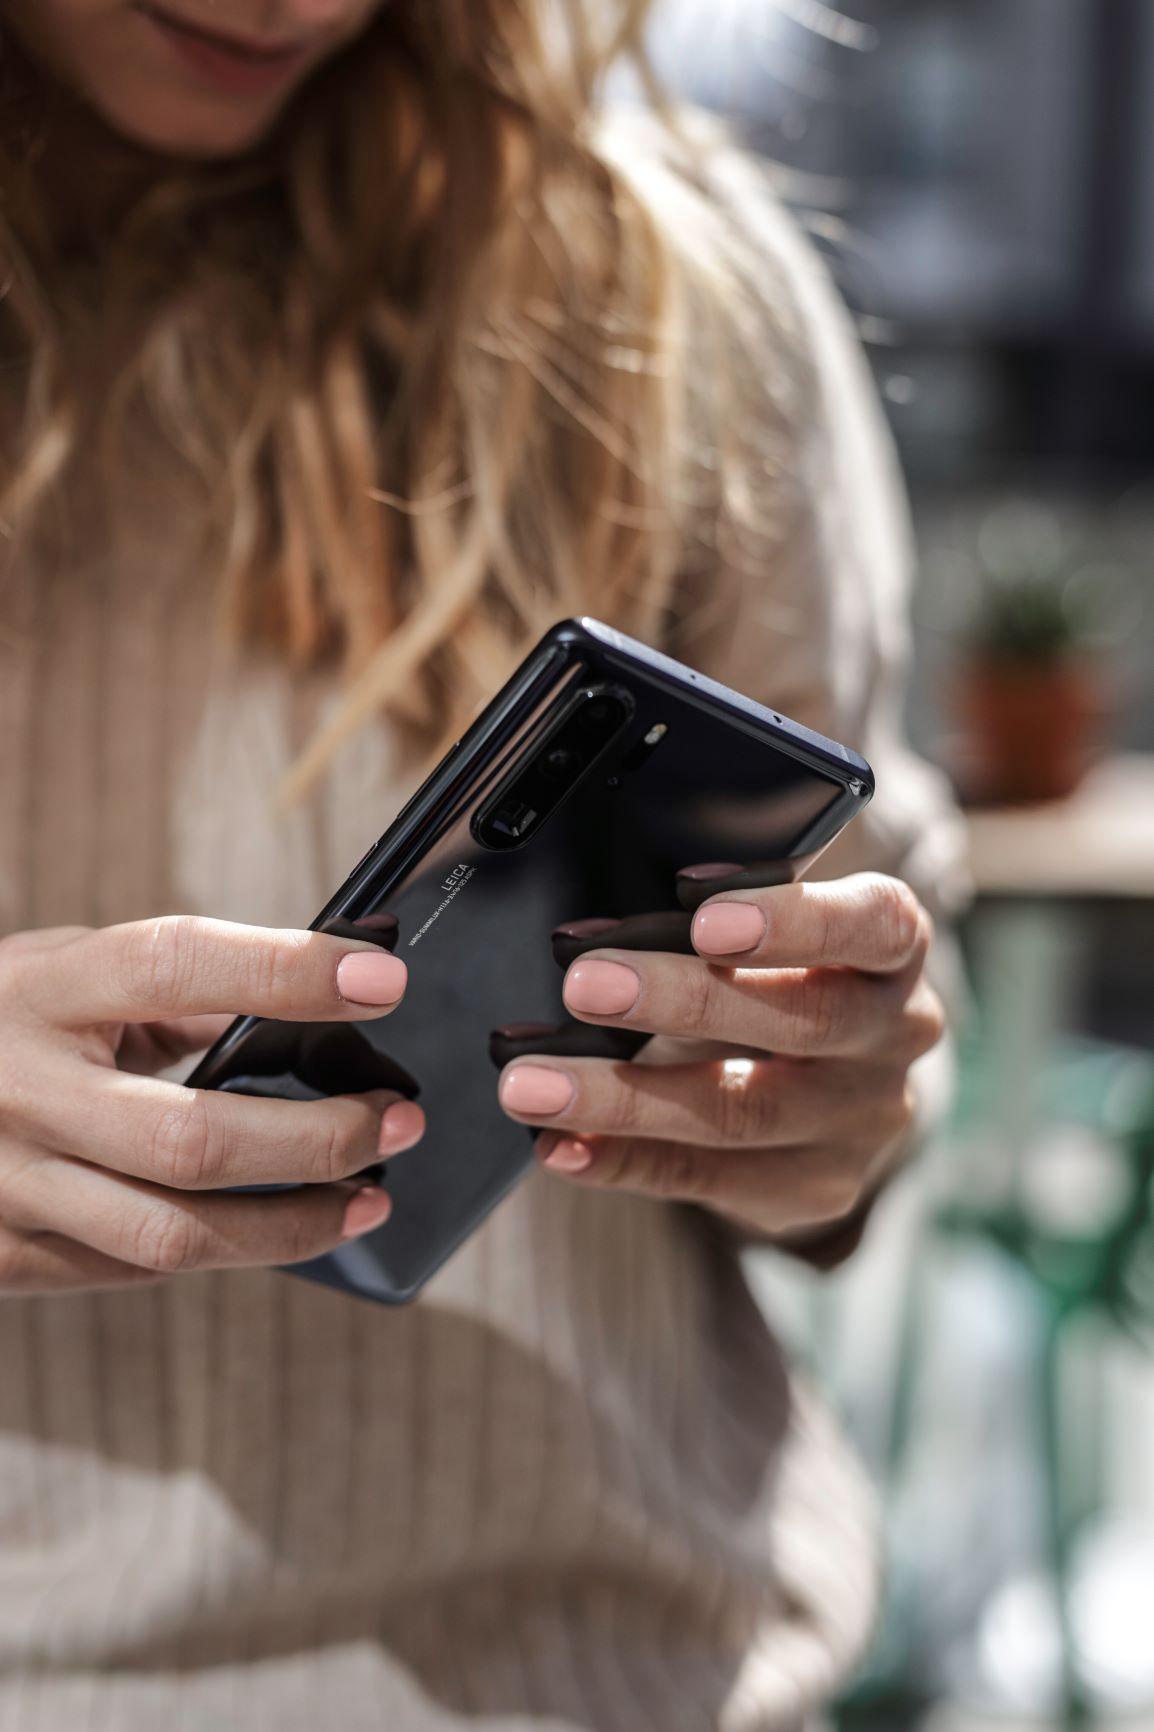 Didžiausia išmaniųjų telefonų savininkų baimė – sudaužyti telefono ekraną